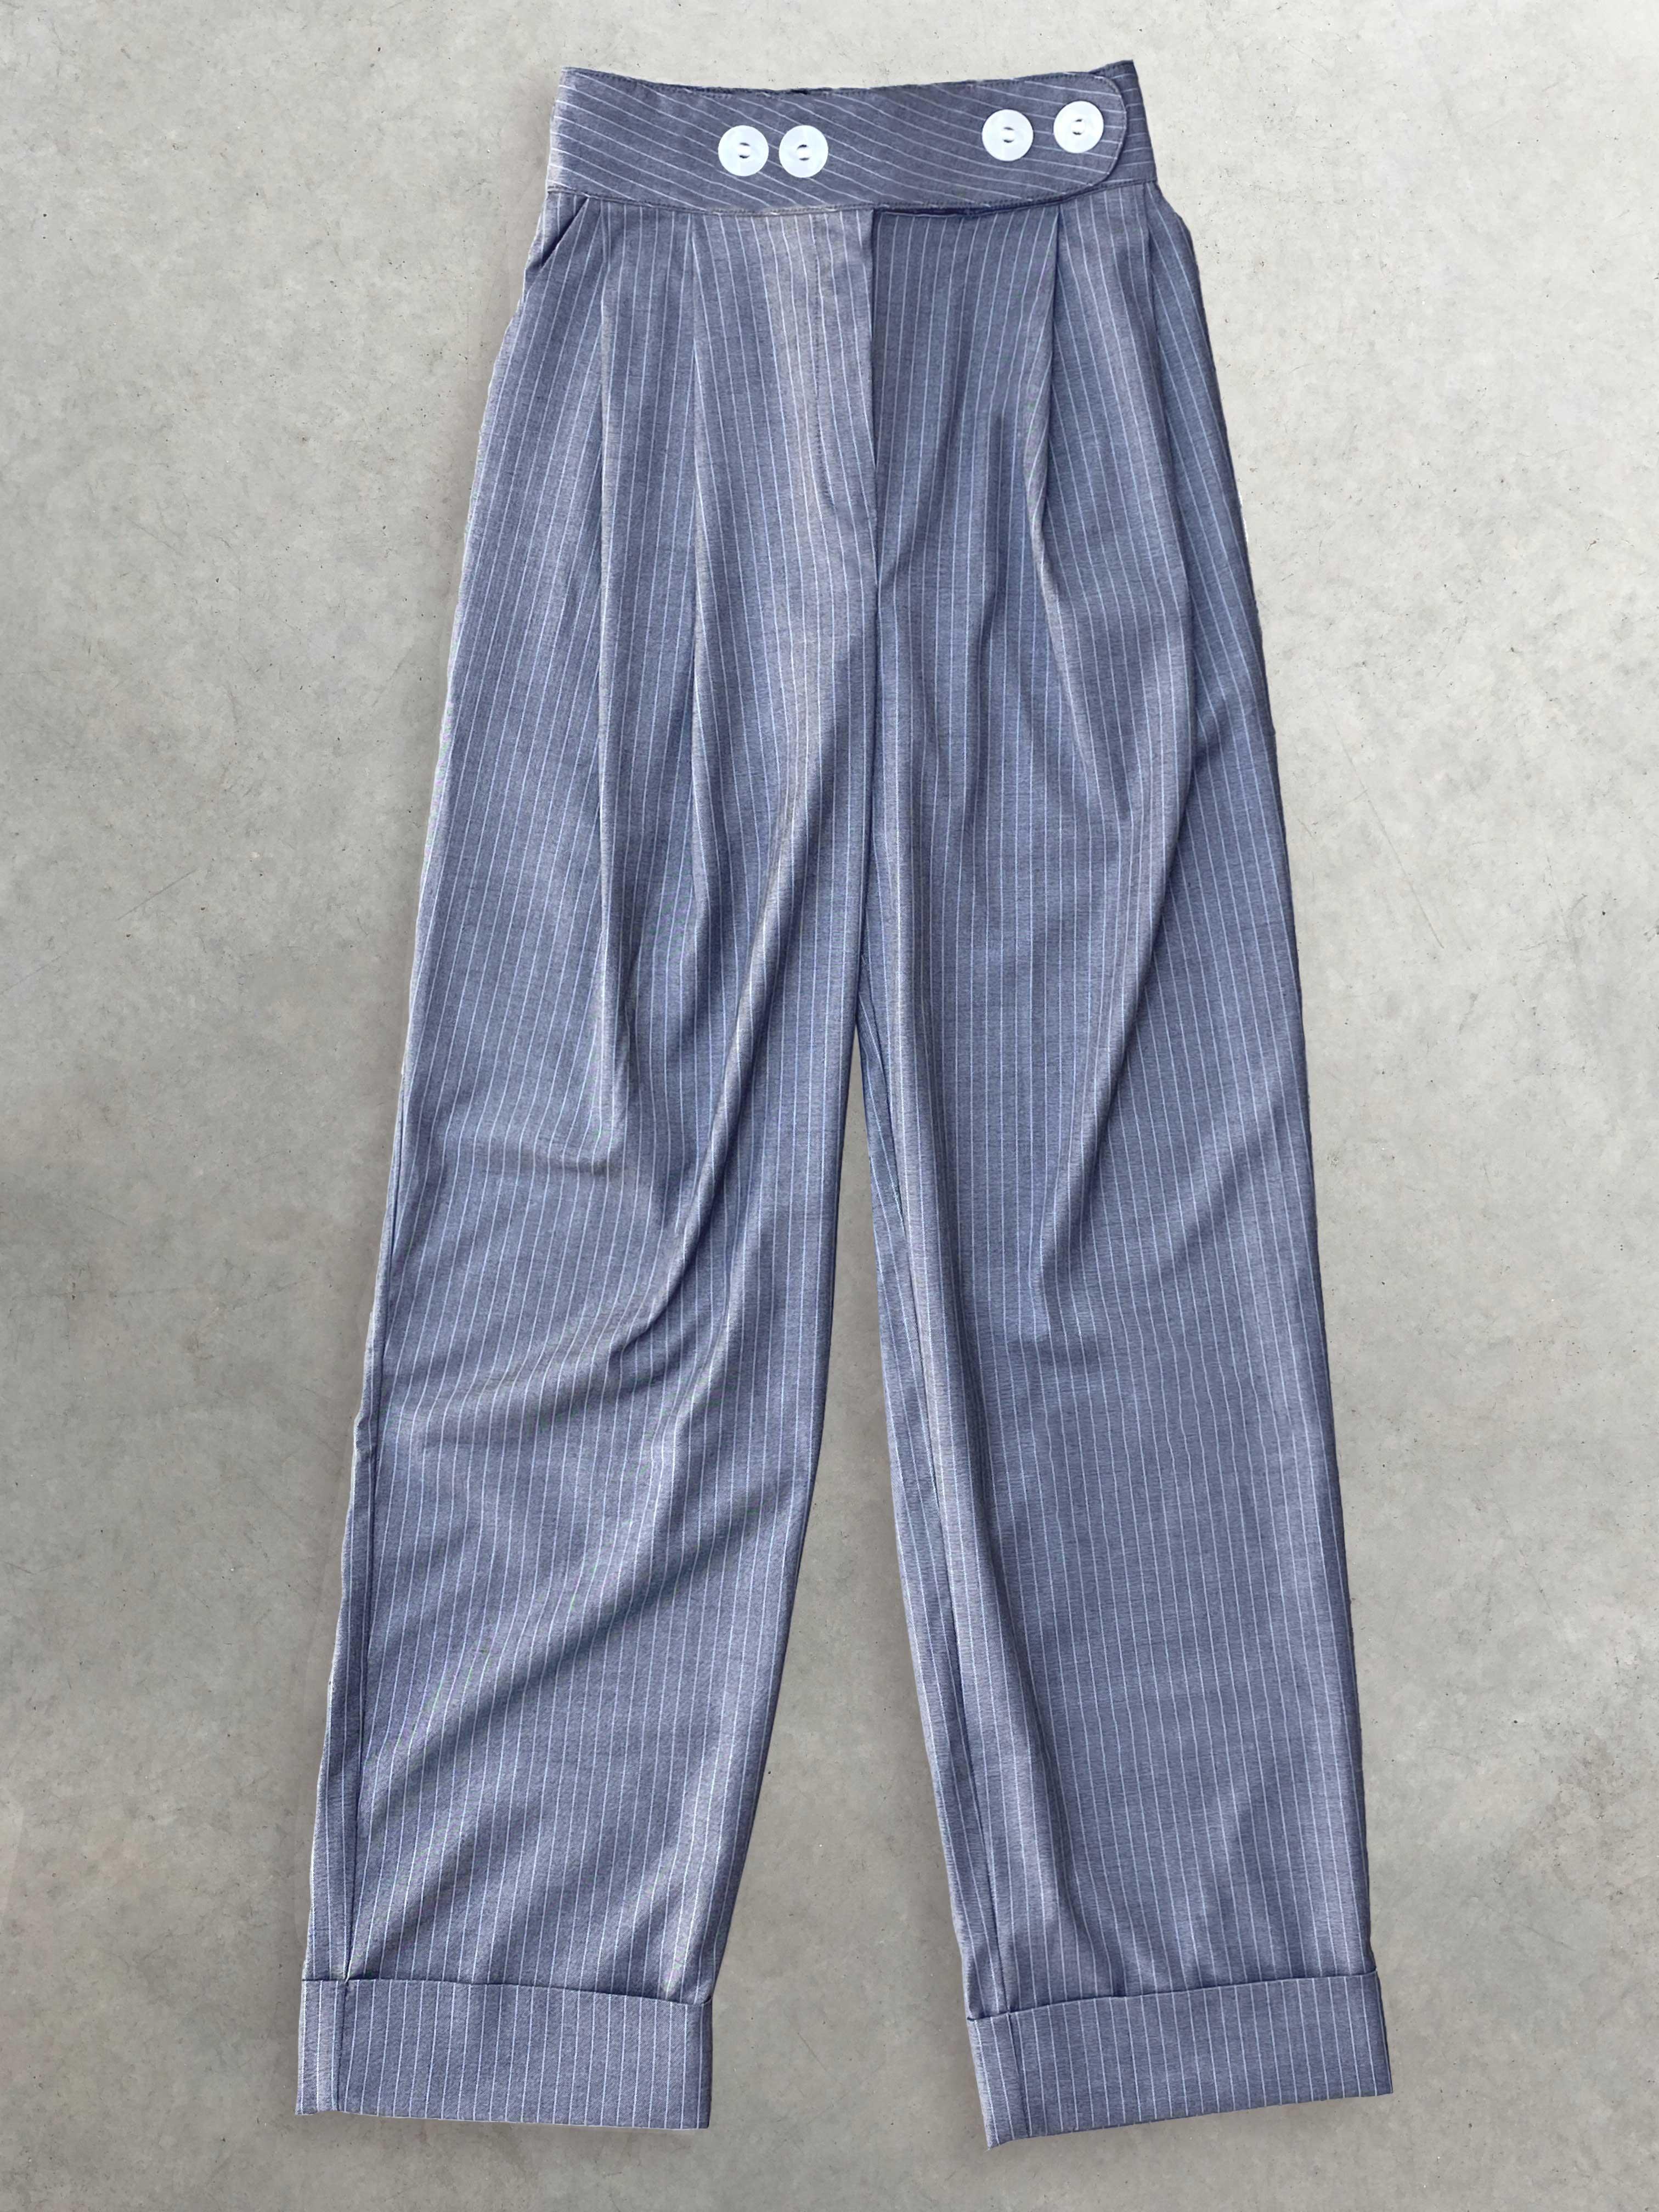 Packshot du produit Pantalon Gris Boyish Oversize de la marque salut beauté